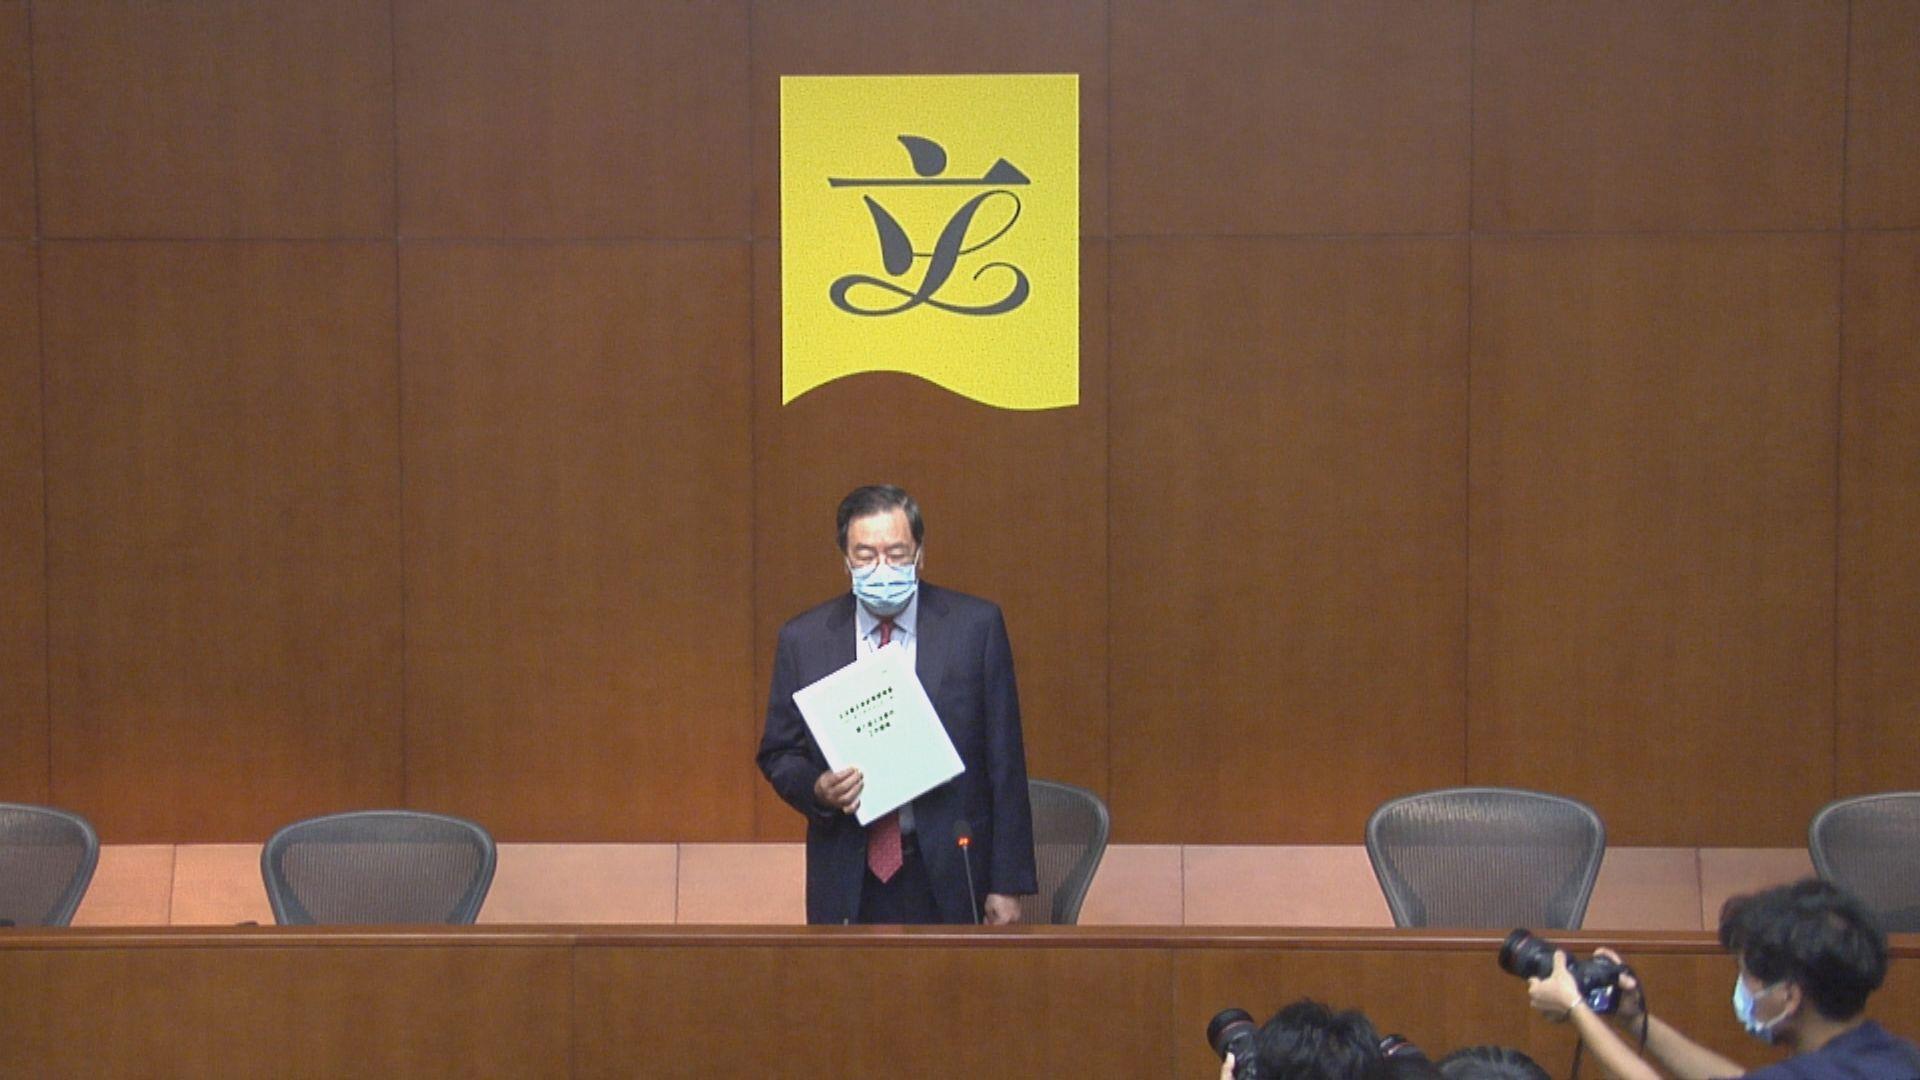 立法會破紀錄通過46項法案 梁君彥︰議會回歸理性非「一言堂」